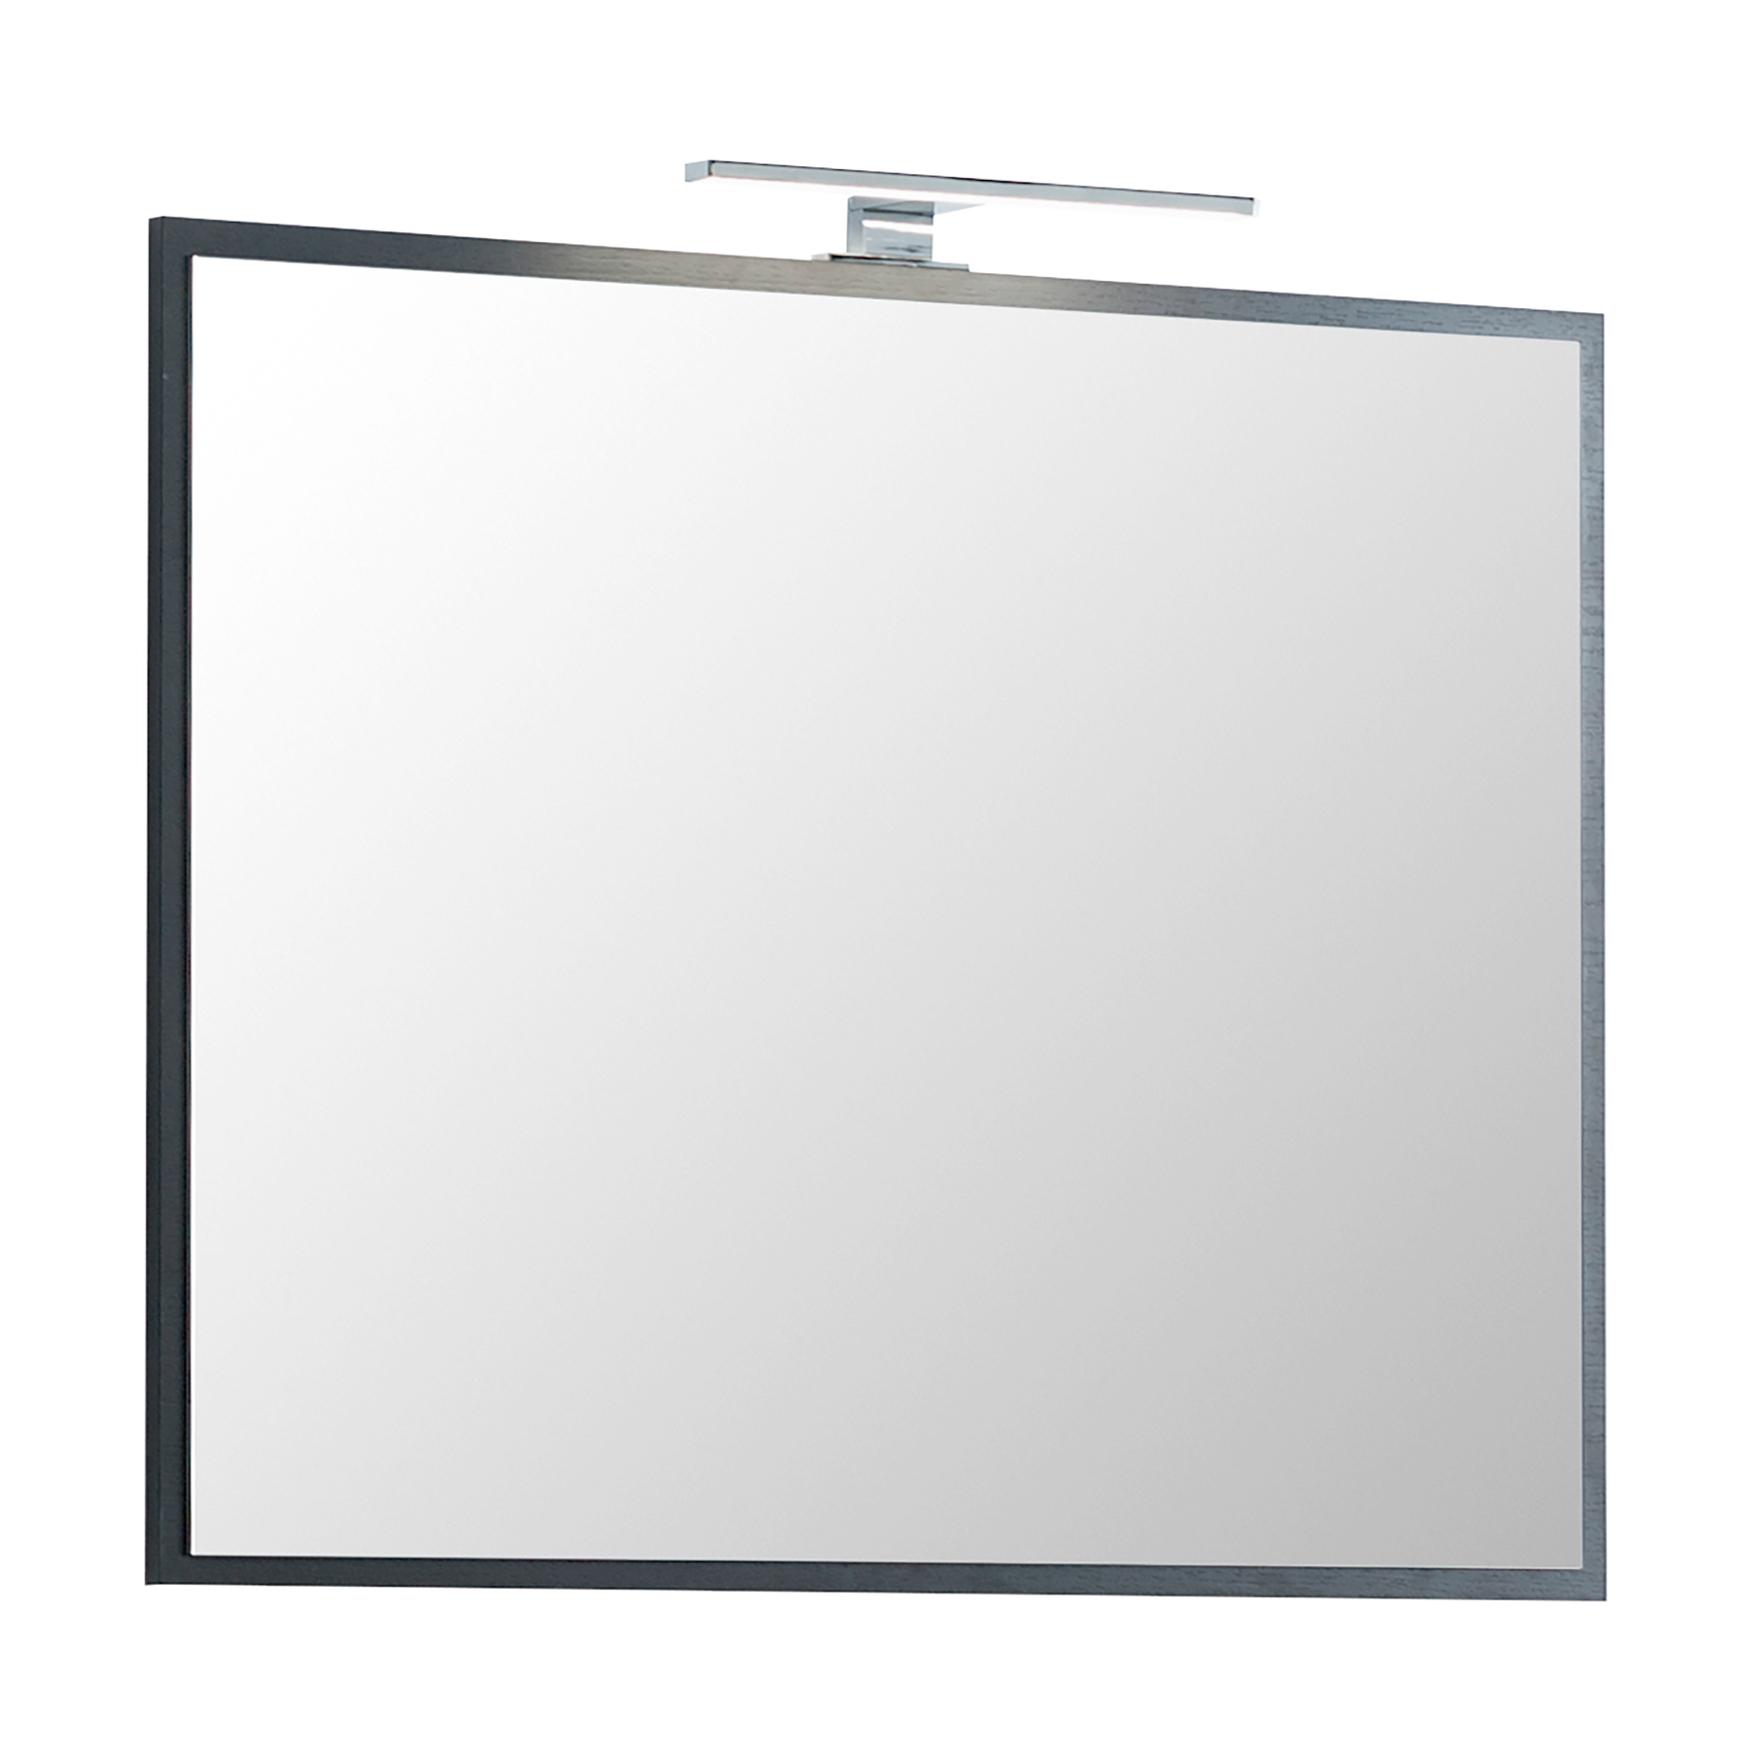 Bad spiegel montreal mit led aufbauleuchte 80 cm breit for Spiegel 80 cm breit